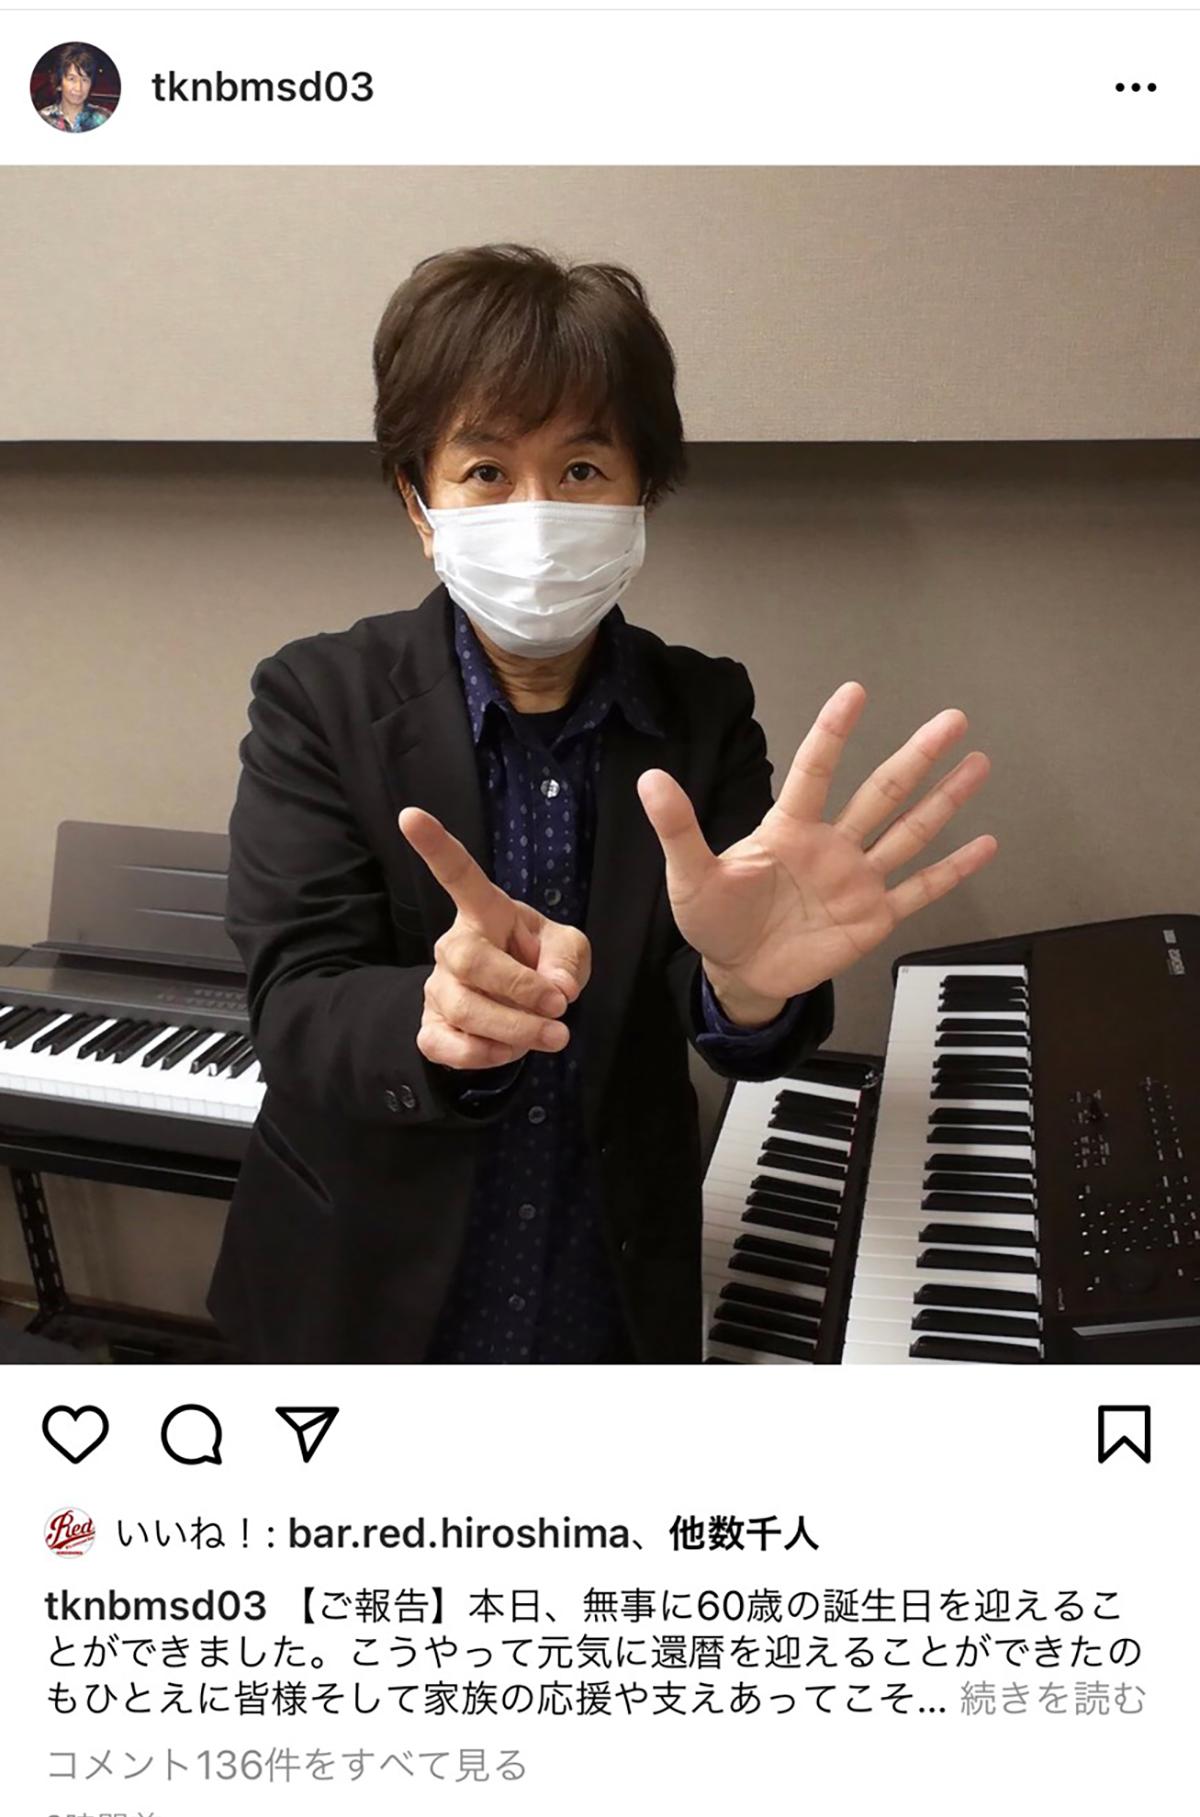 増田隆宣の60歳の誕生日を報告するInstagram投稿